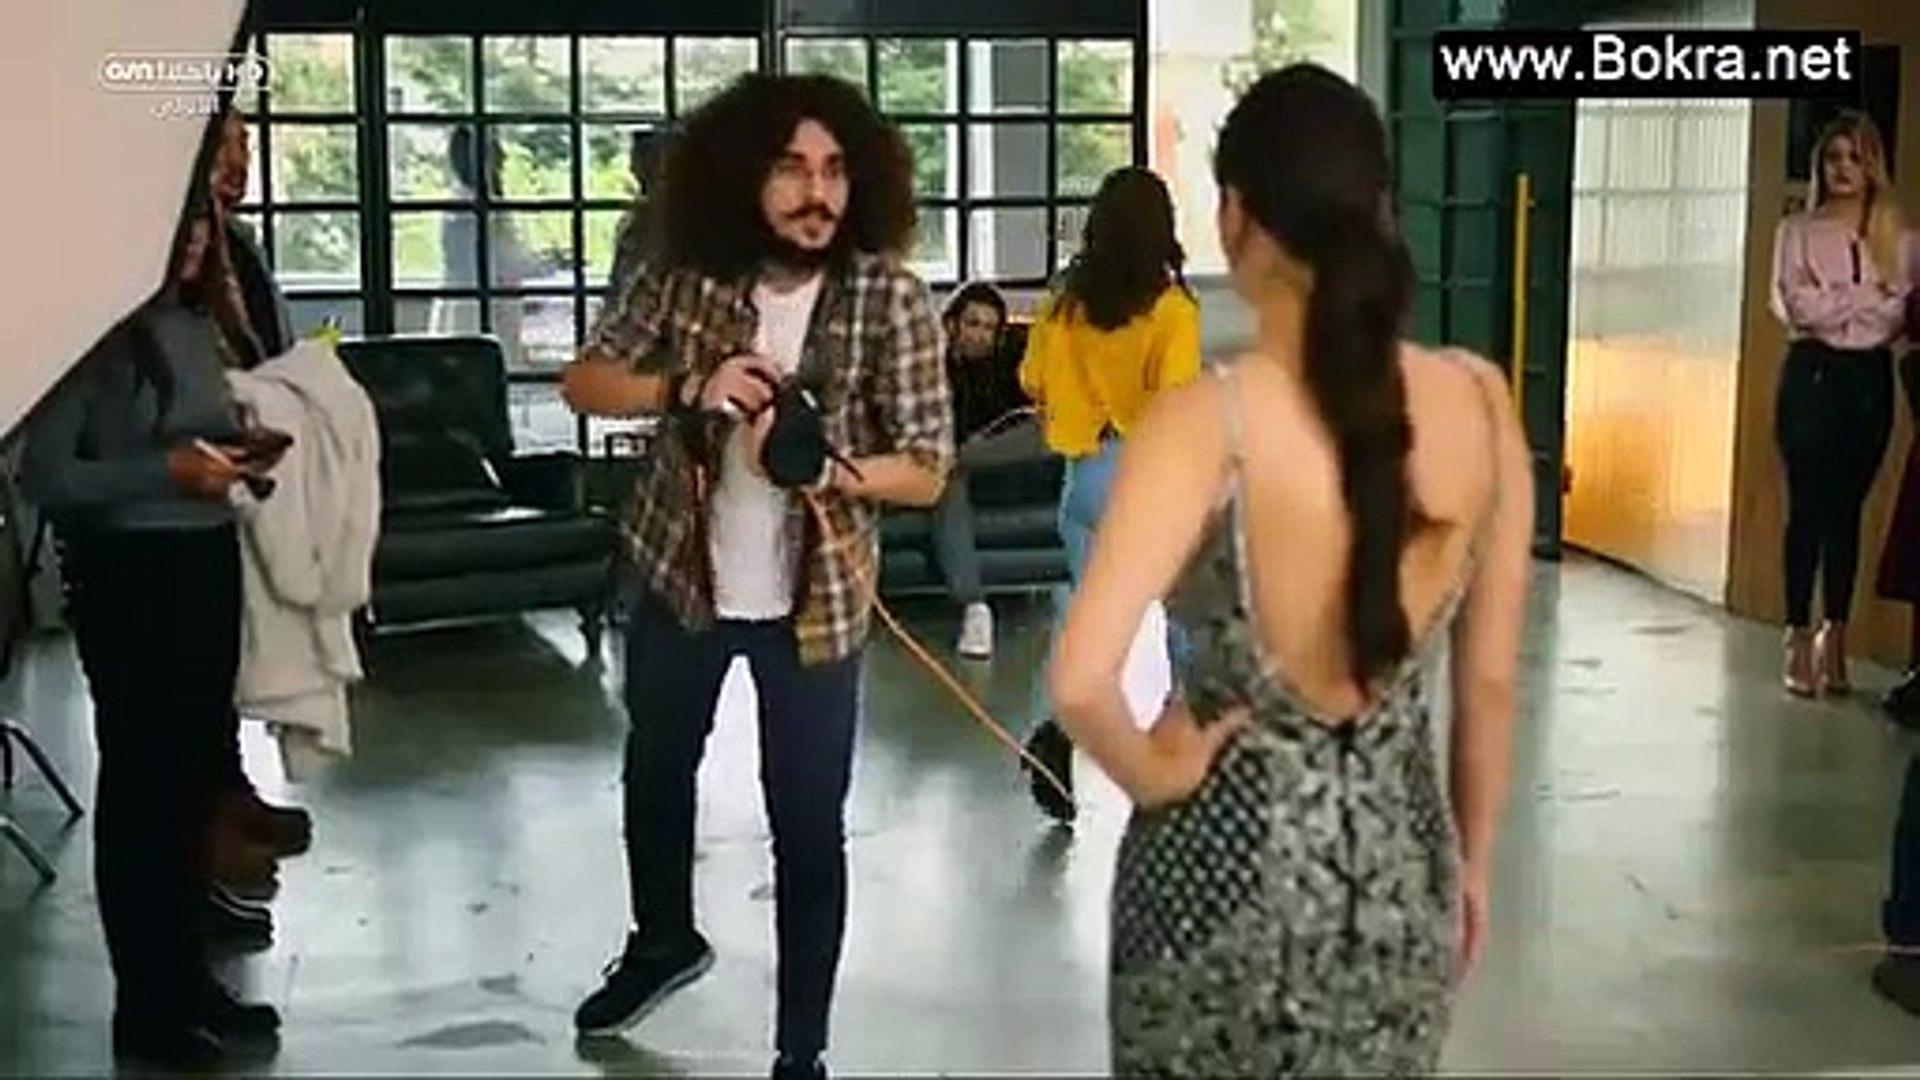 مسلسل فضيلة وبناتها الموسم الثاني الحلقة 30 مدبلج Video Dailymotion